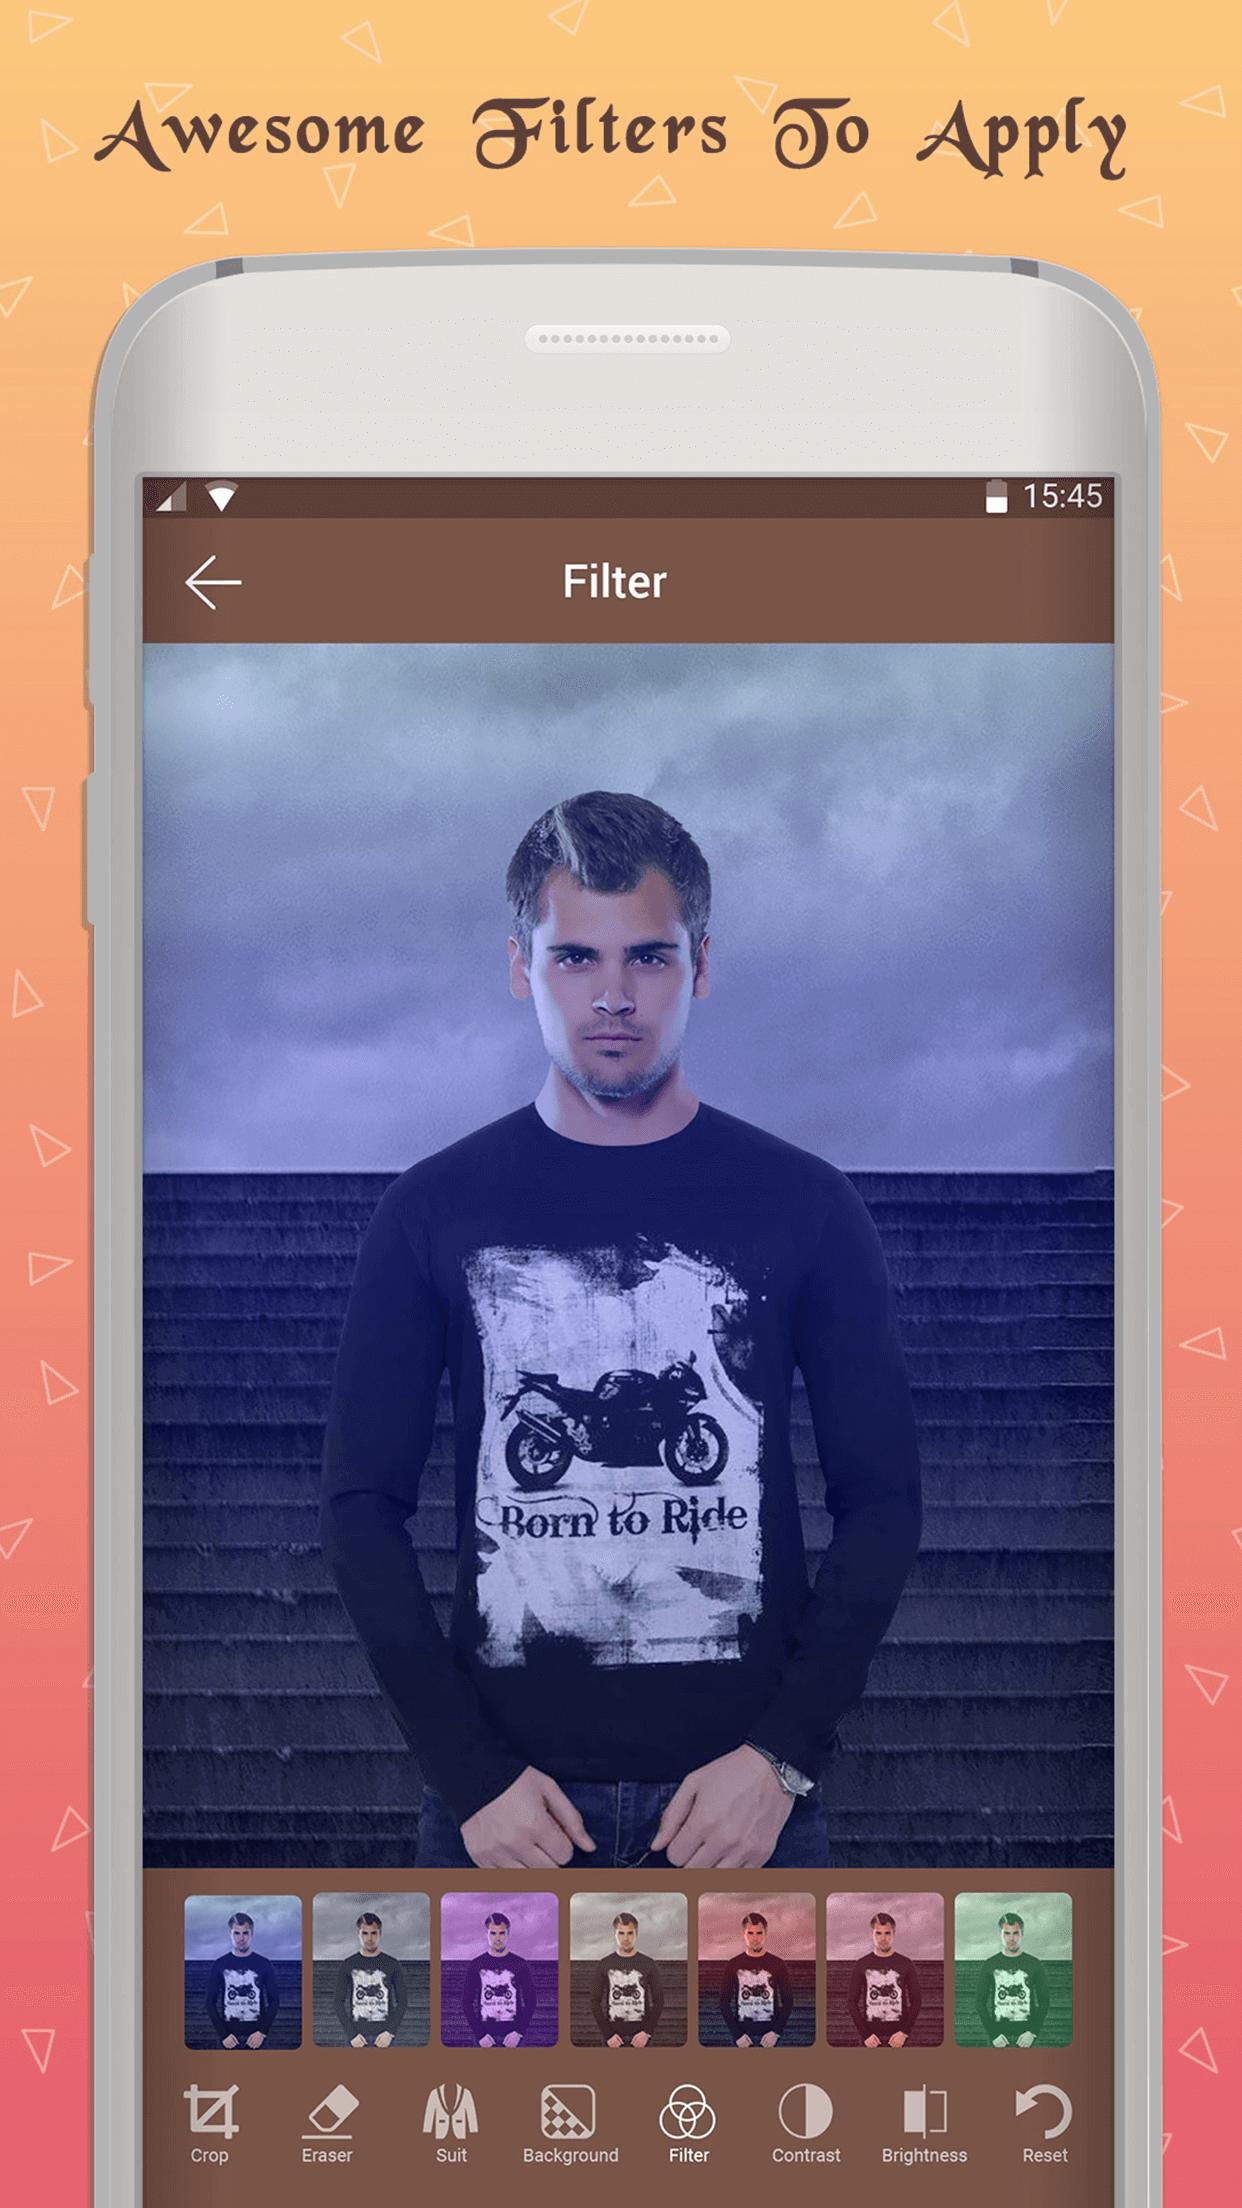 Filter-1567226048638.jpg